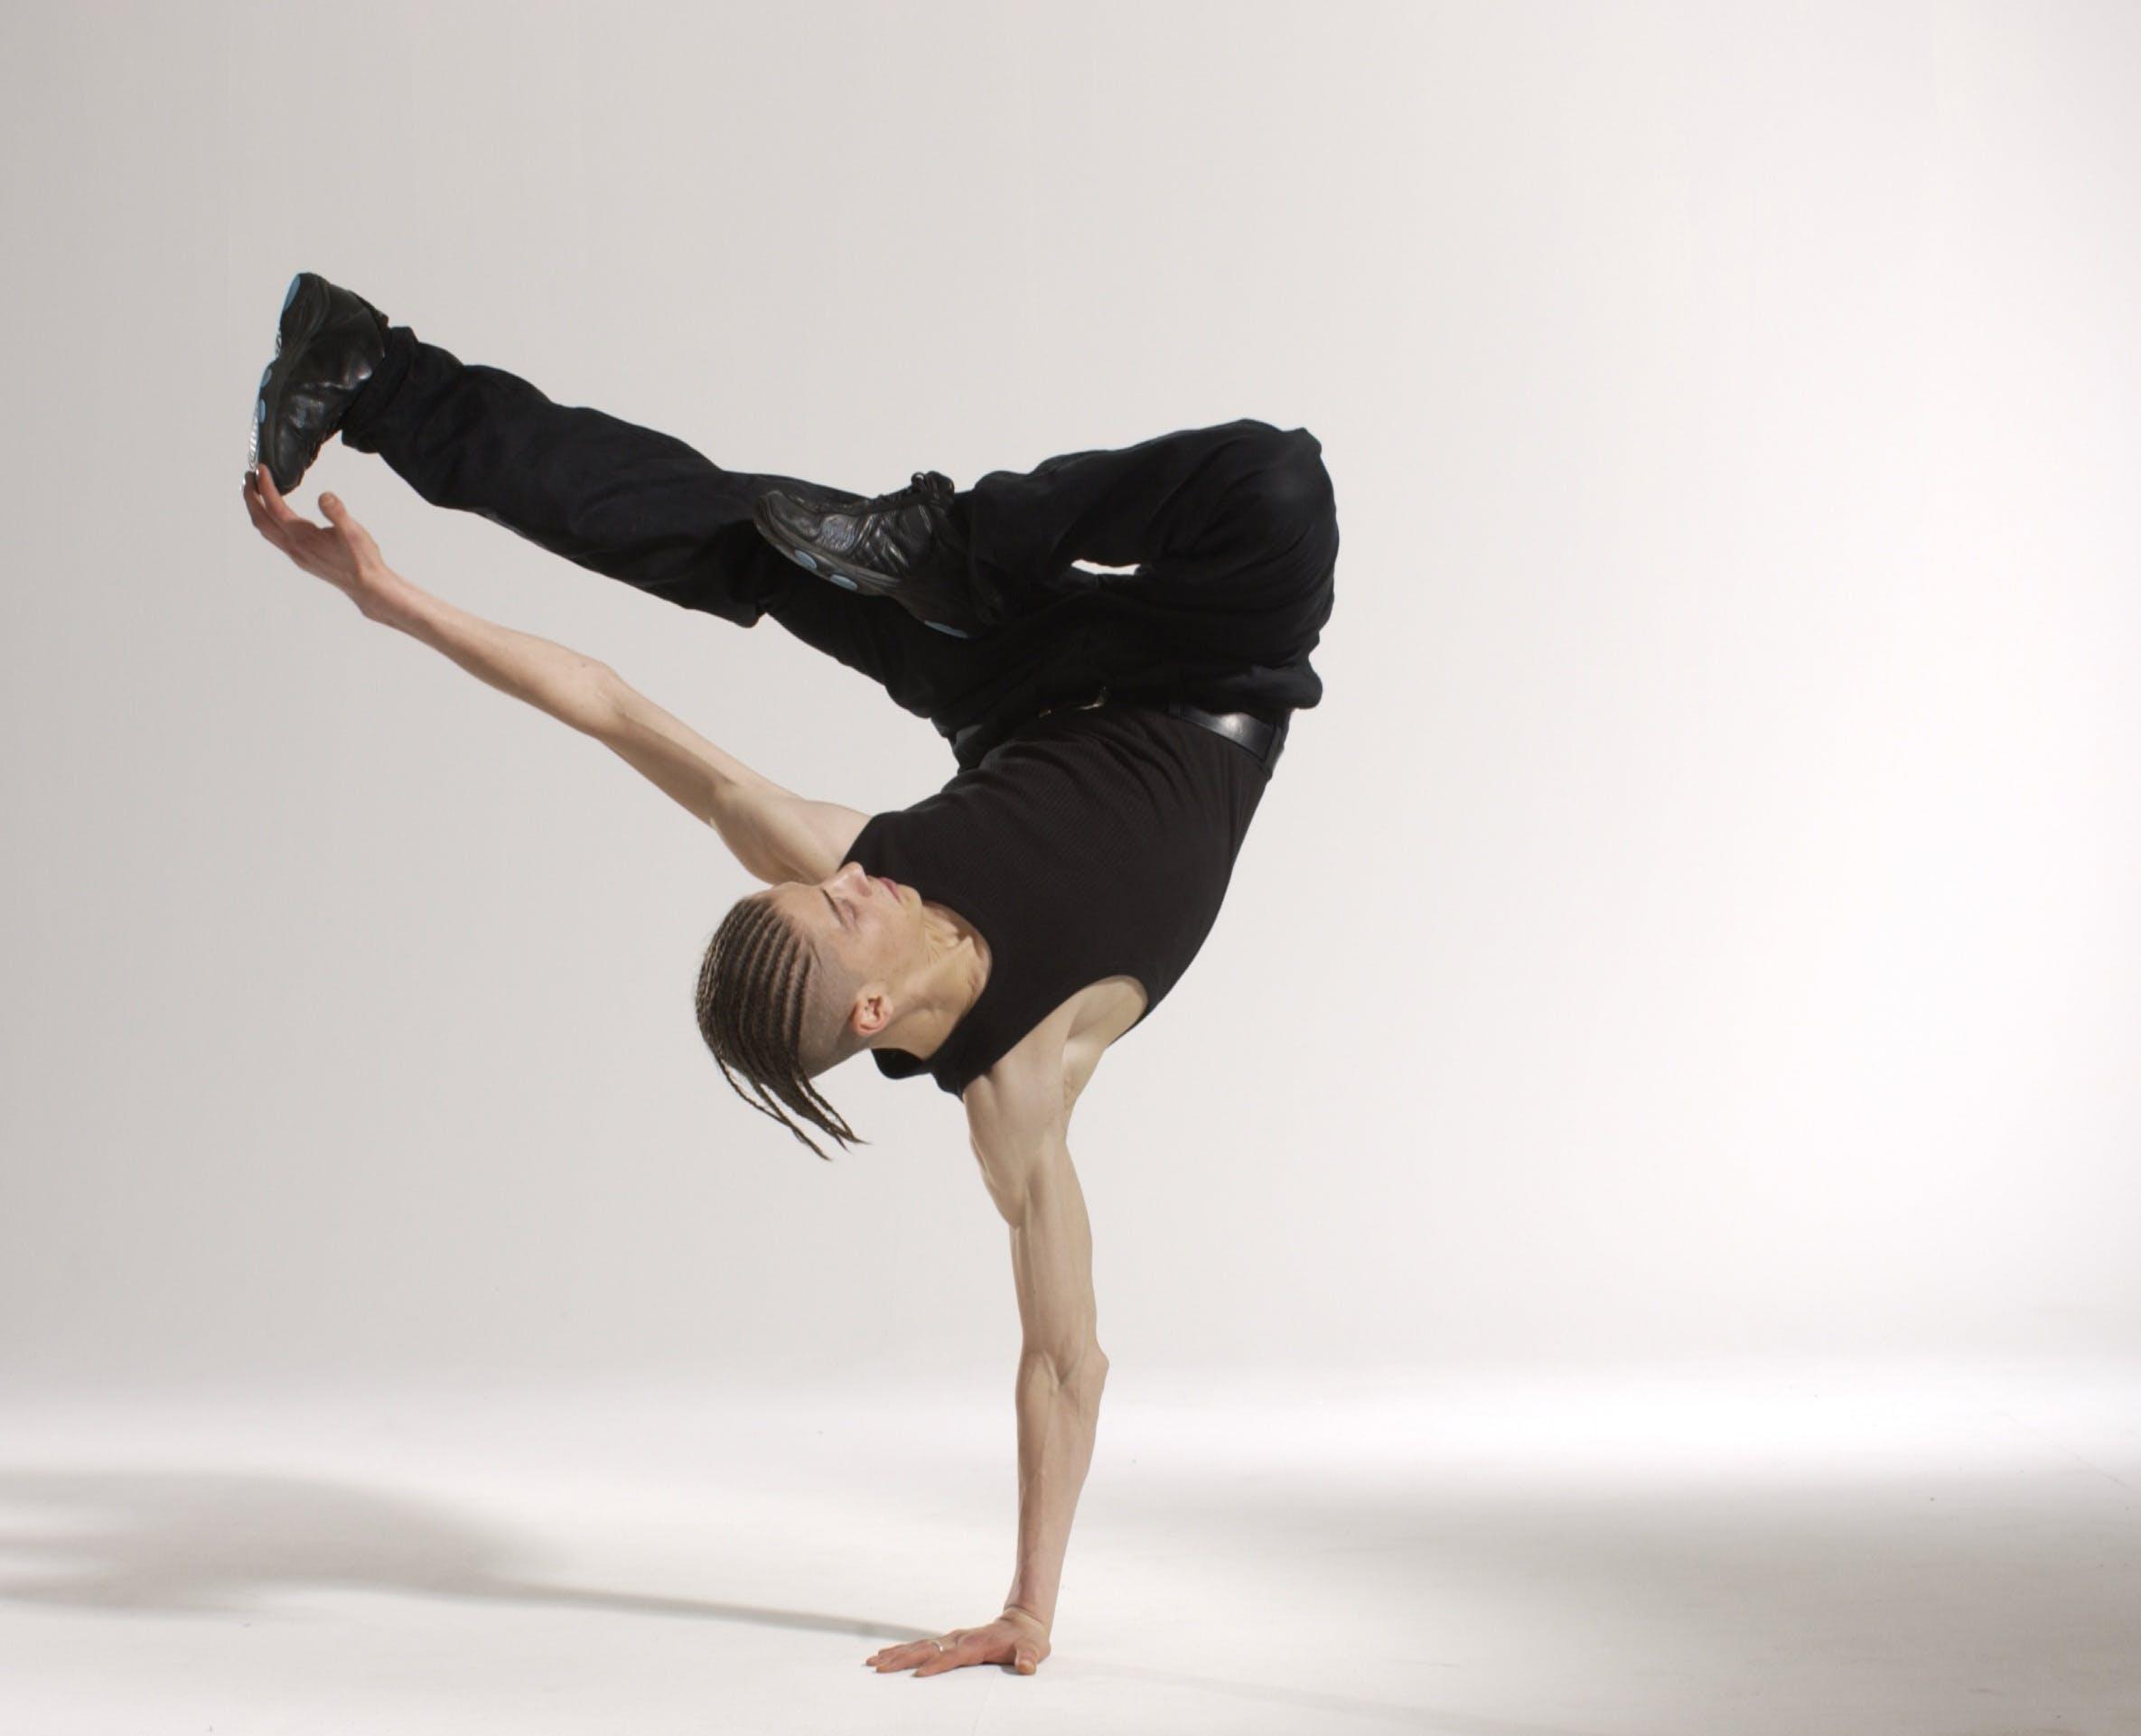 Man Break Dancing